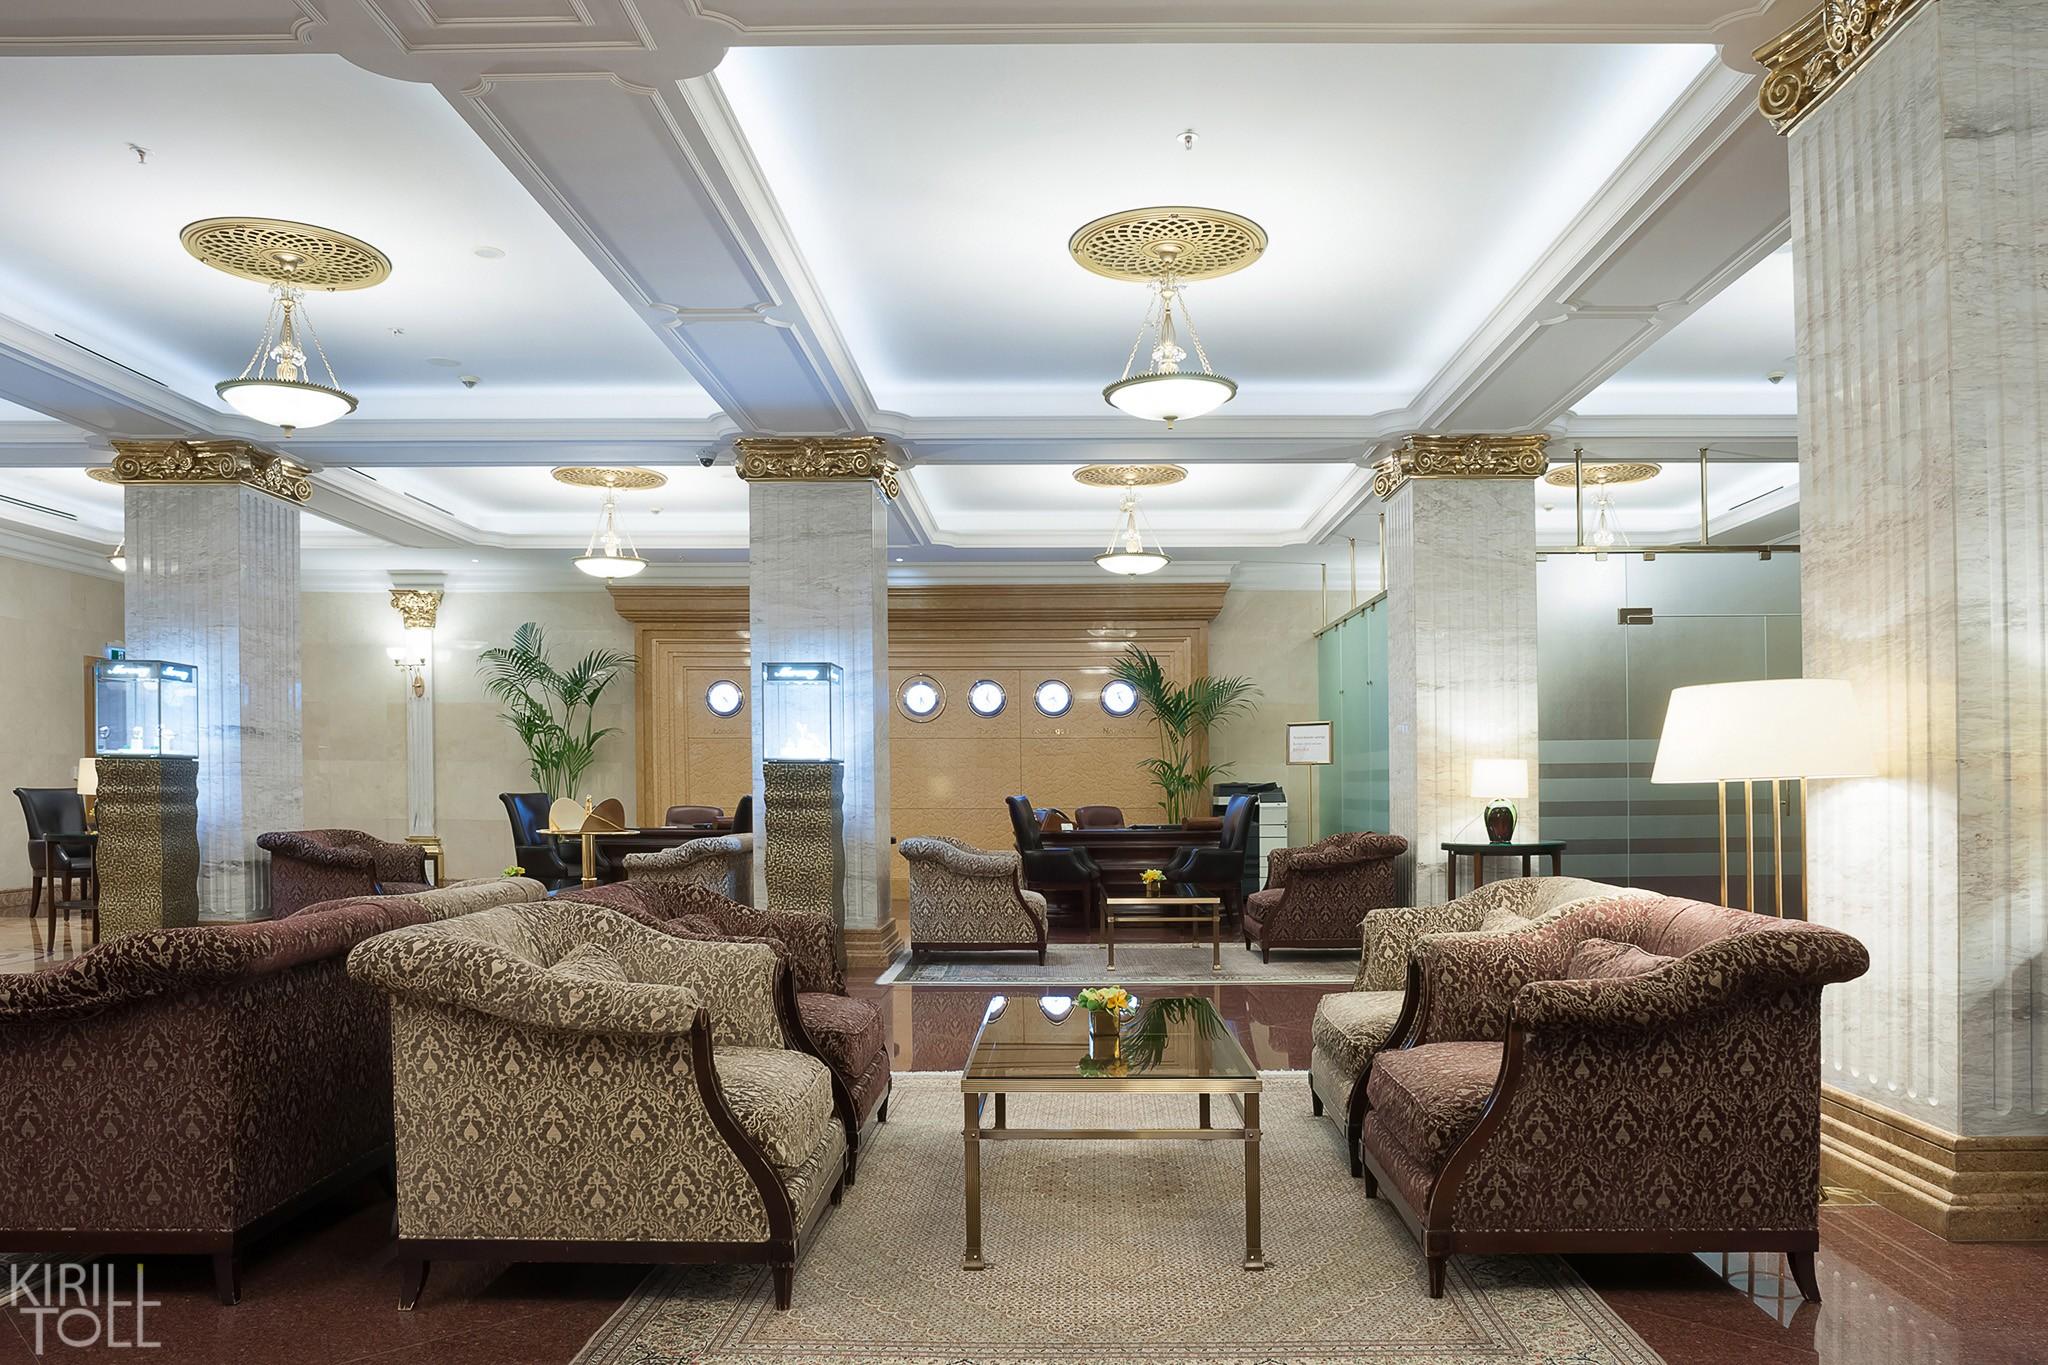 Холлы гостиницы в портфолио фотографа